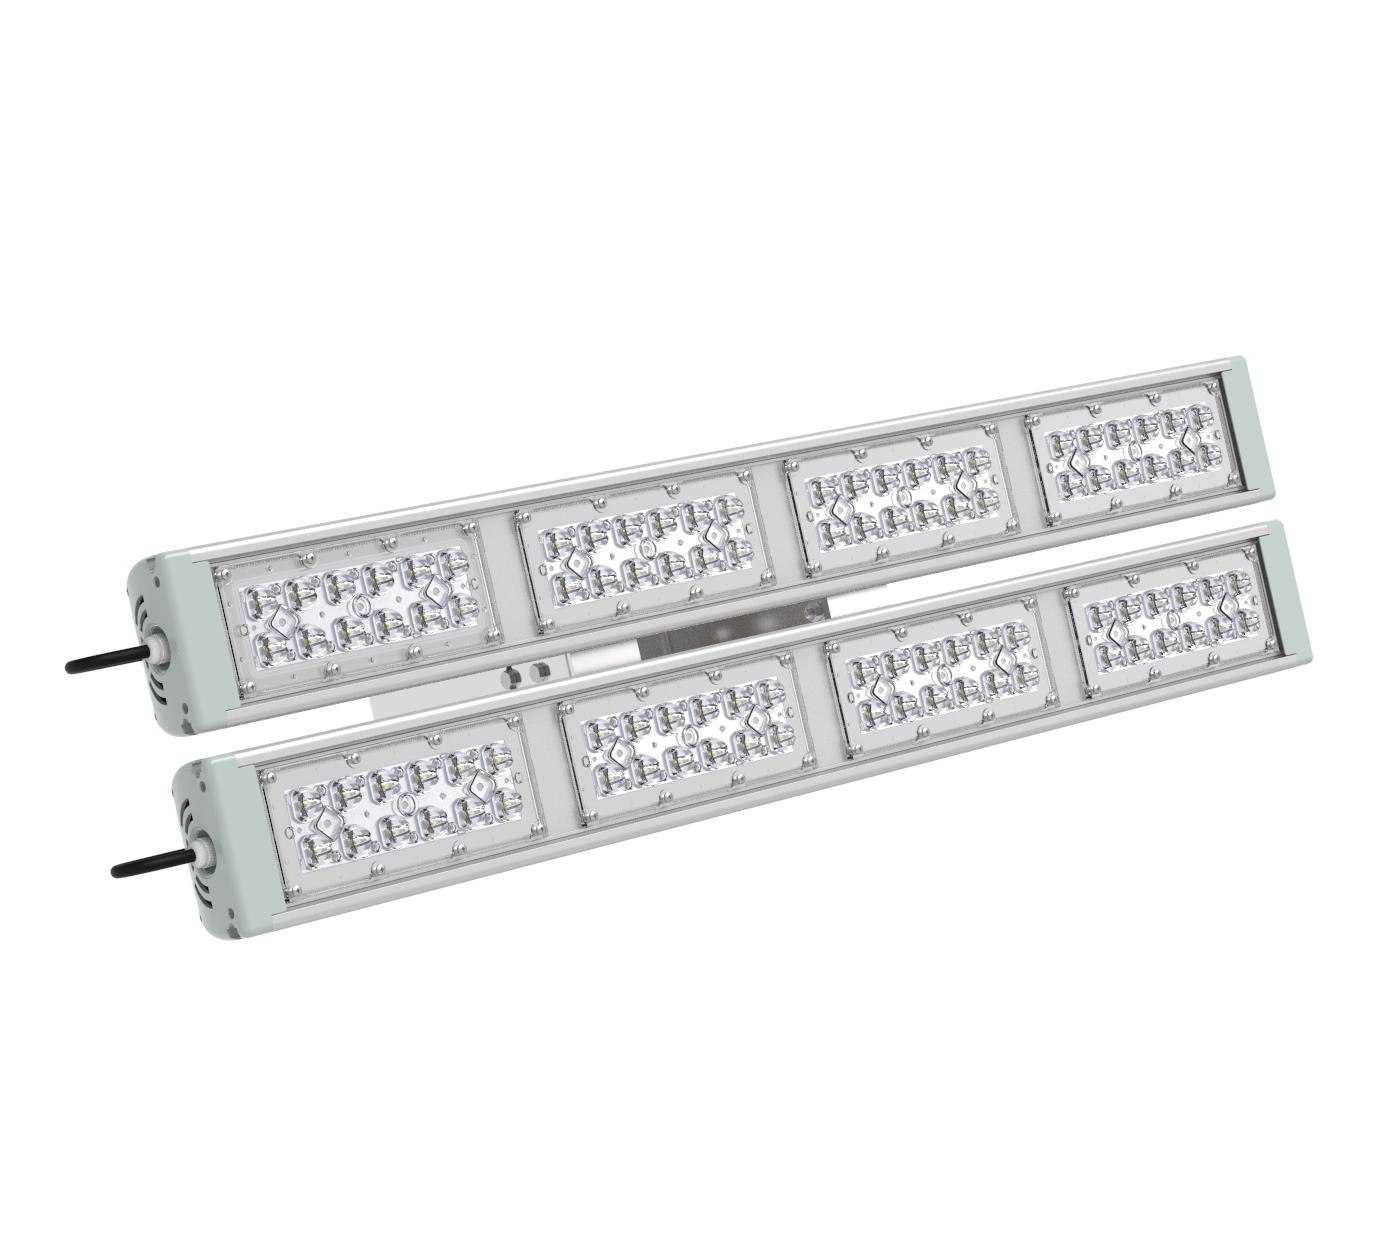 Промышленный светильник Модуль PRO SVT-STR-MPRO-102Вт-VSM-DUO